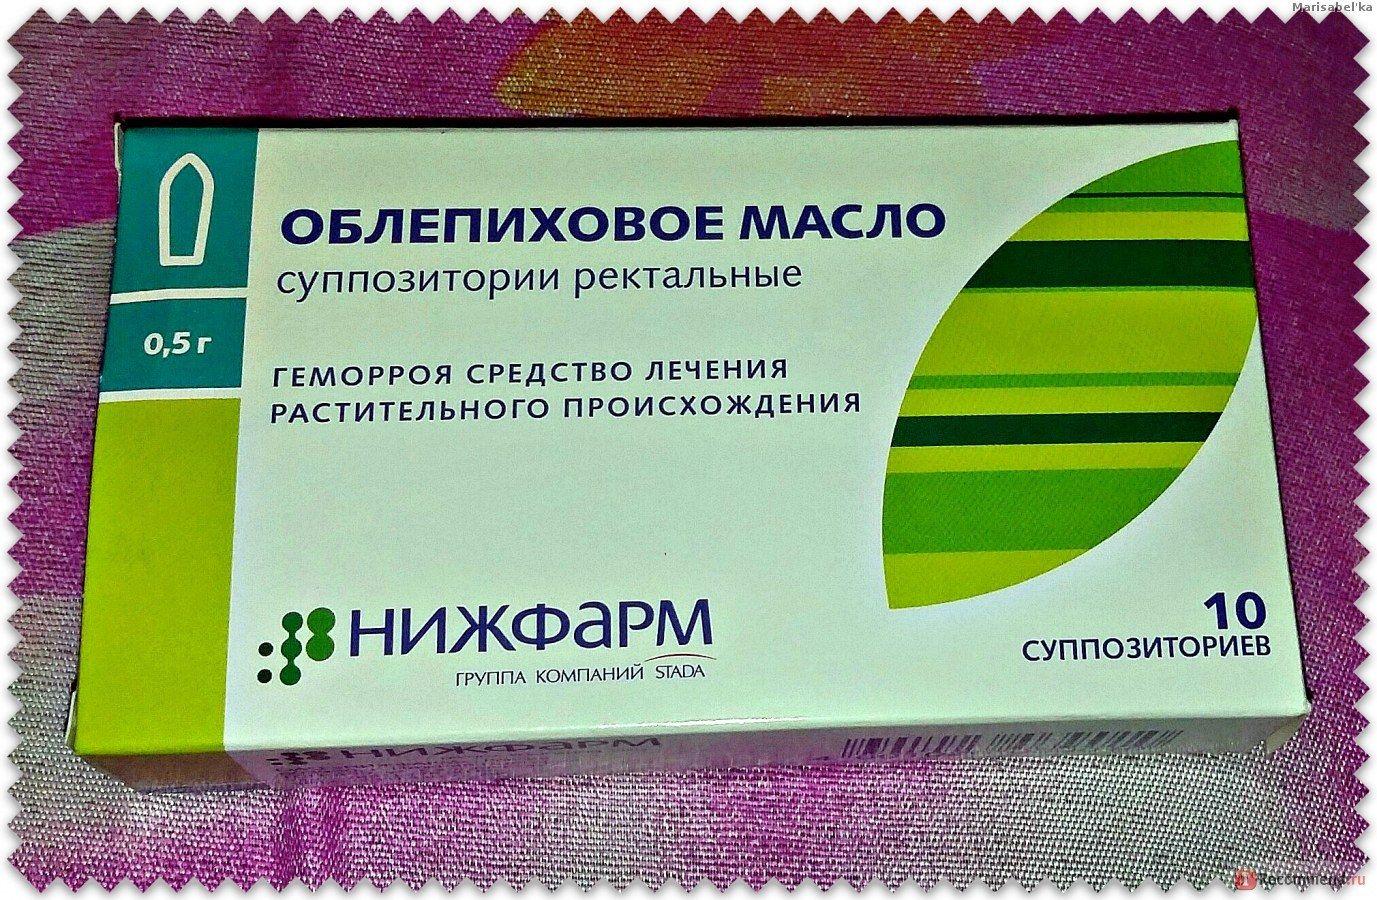 Lesitin ilacı. Talimatlar. tanım 73